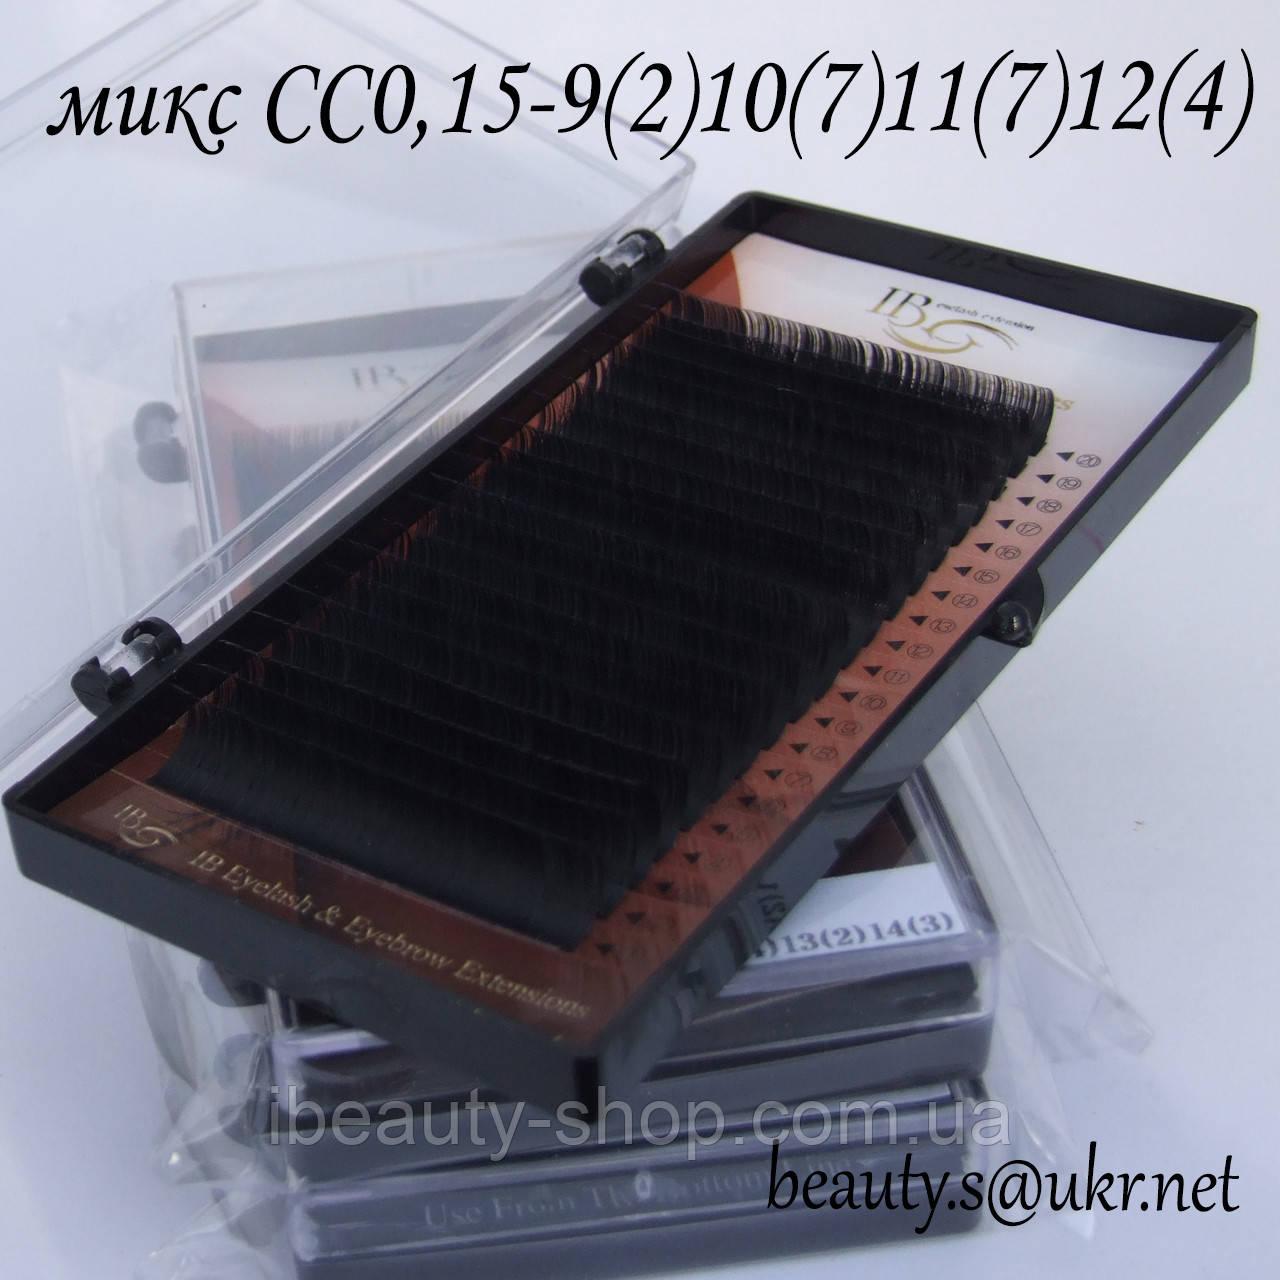 Ресницы I-Beauty микс СС-0,15 9-12мм